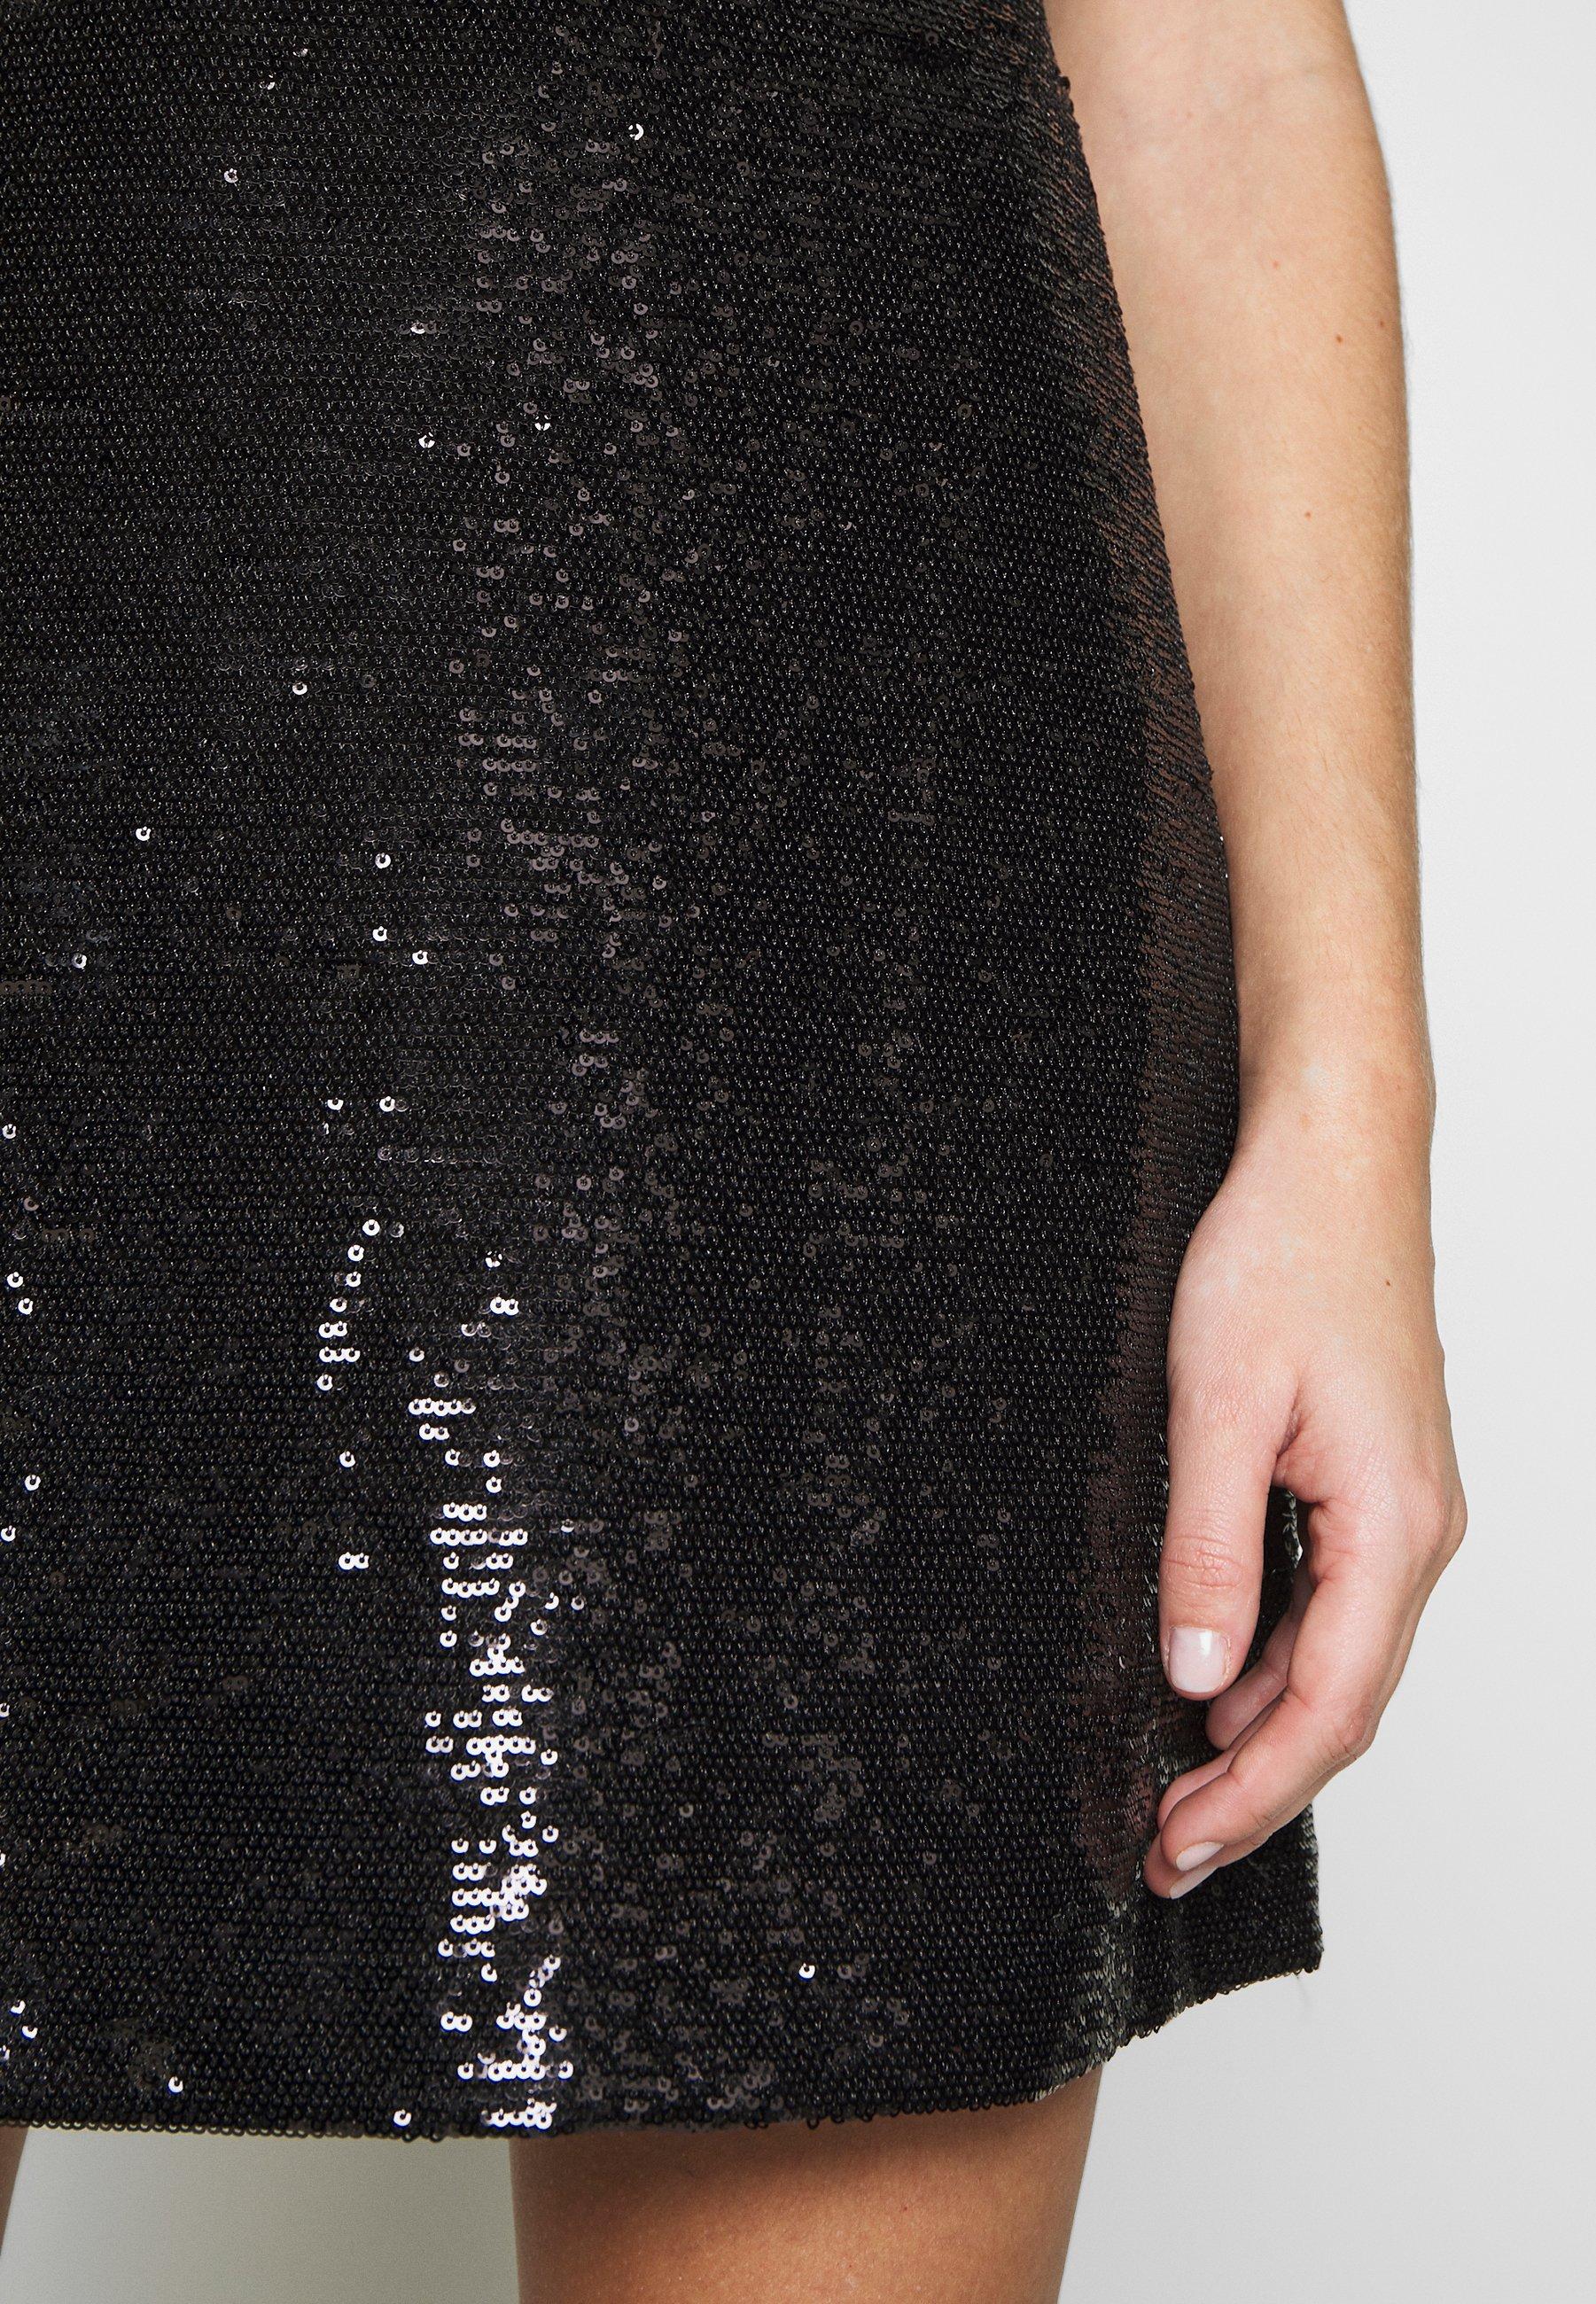 Michael Kors Sequin Dress - Cocktailklänning Black